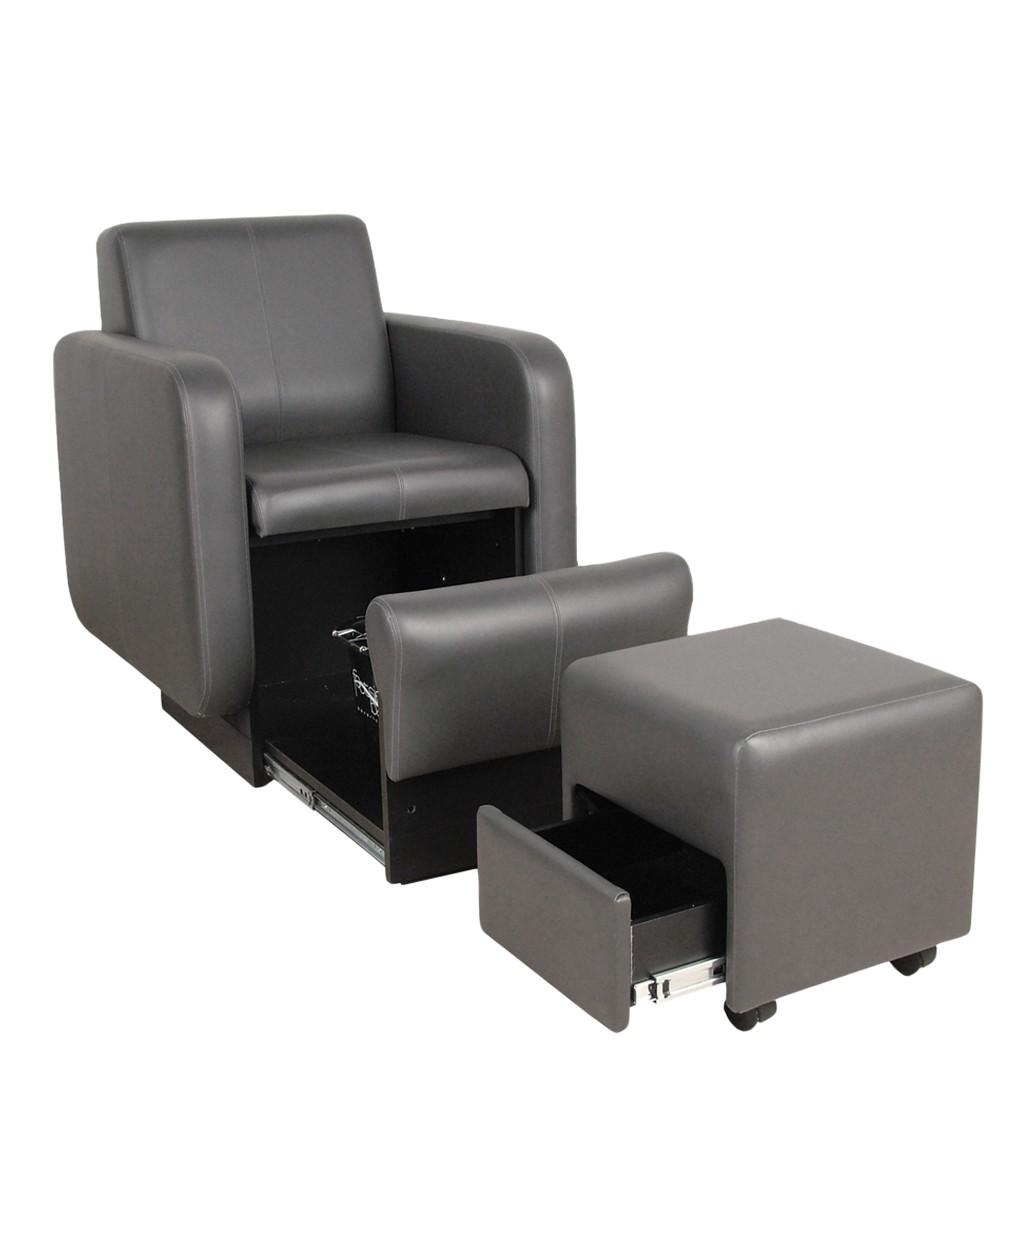 Groovy Collins 2555 Blush Club Pedicure Chair W Footsie Bath Machost Co Dining Chair Design Ideas Machostcouk